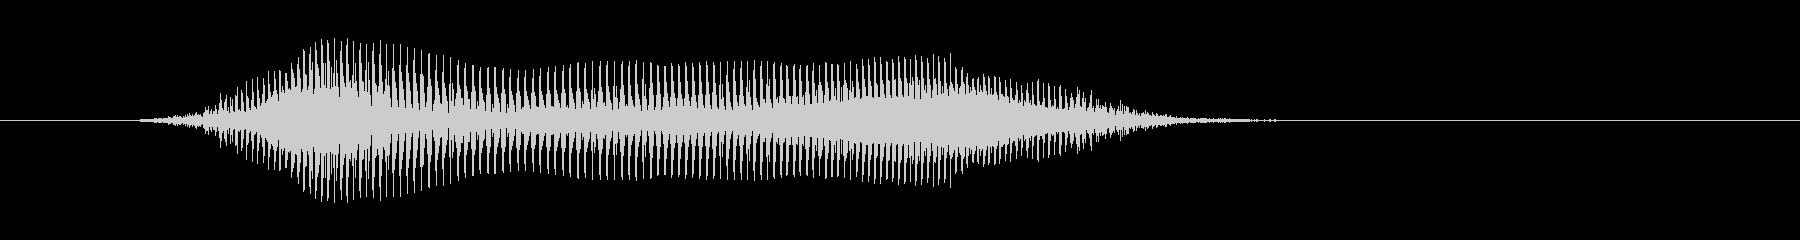 へ〜の未再生の波形